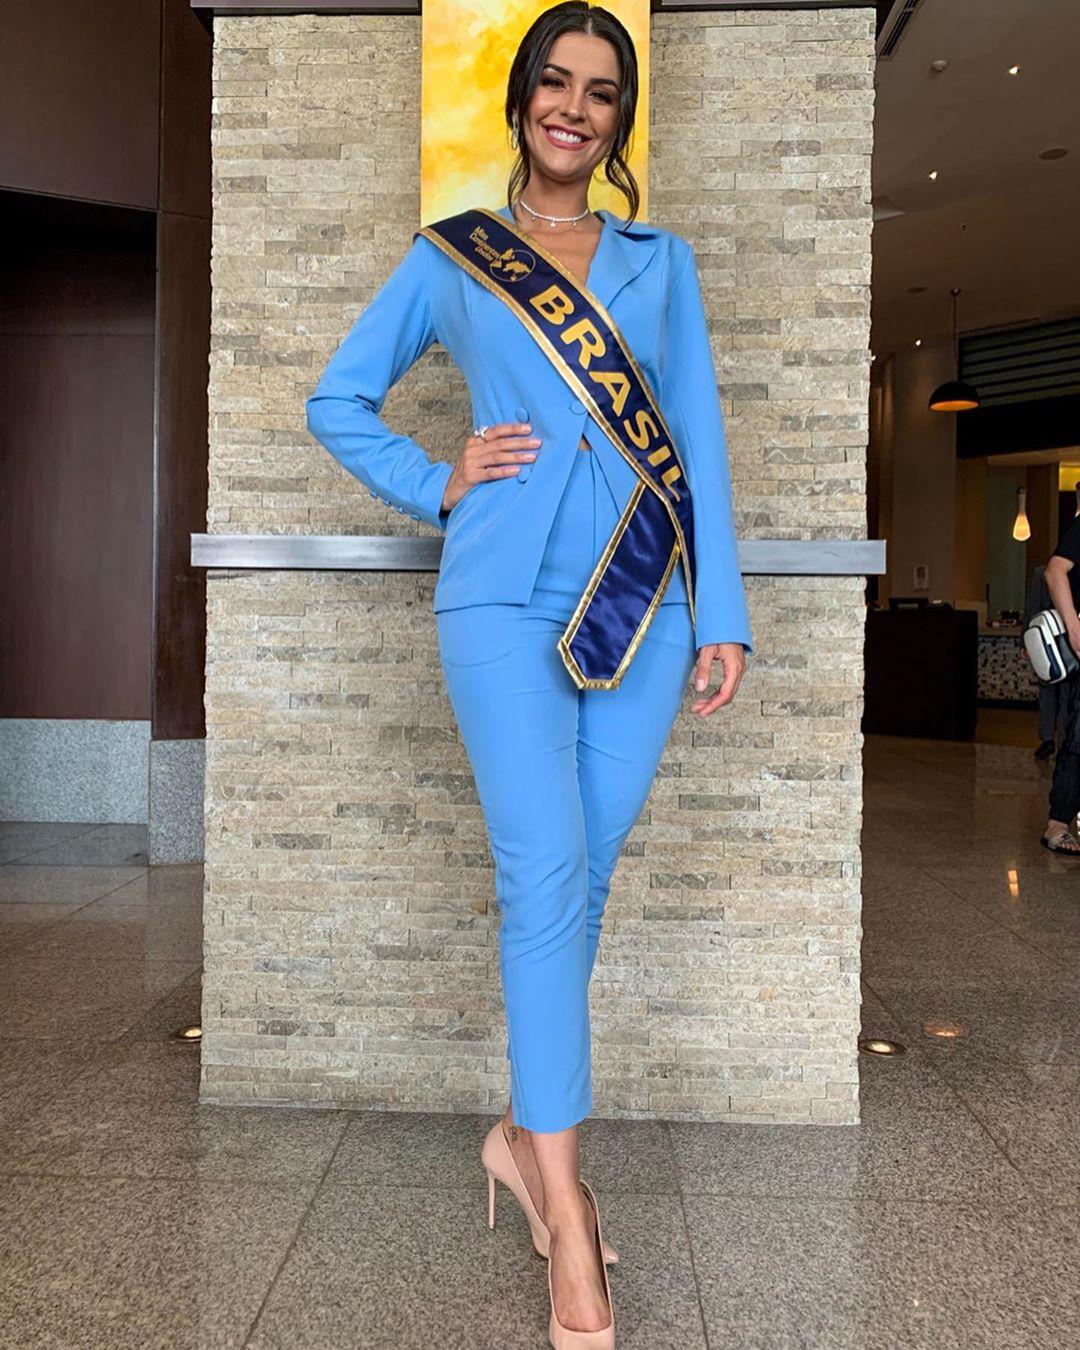 thylara brenner, miss brasil continentes unidos 2019. - Página 11 70350010